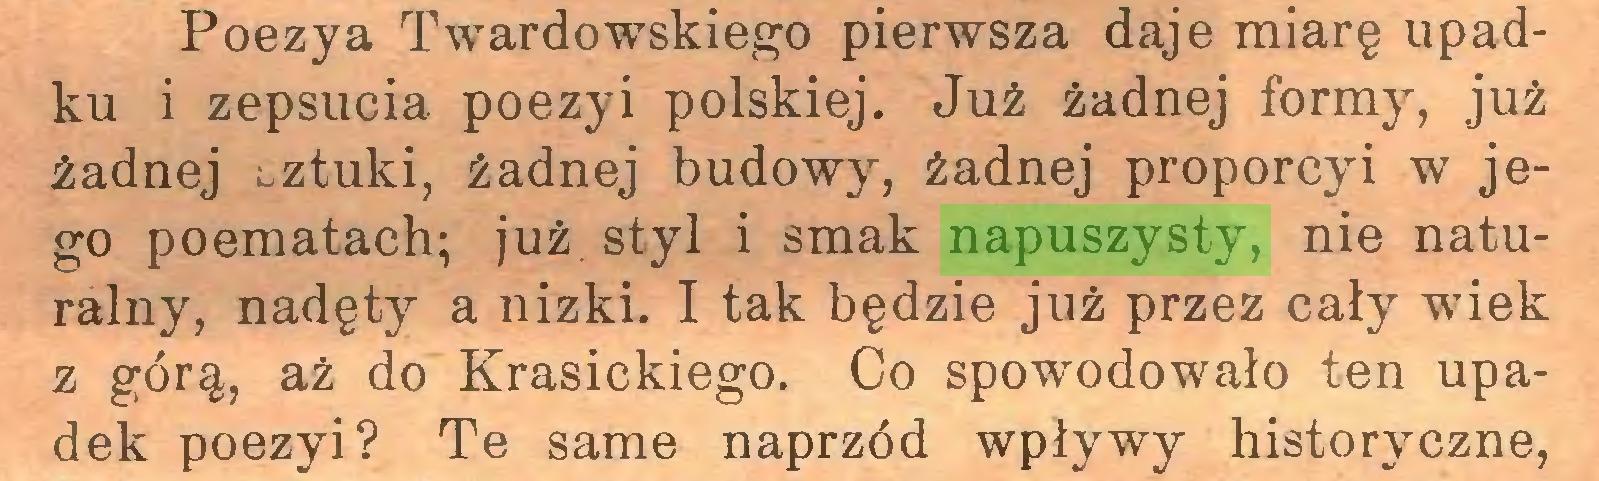 (...) Poezya Twardowskiego pierwsza daje miarę upadku i zepsucia poezyi polskiej. Już żadnej formy, już żadnej sztuki, żadnej budowy, żadnej proporcyi w jego poematach; już. styl i smak napuszysty, nie naturalny, nadęty a nizki. I tak będzie już przez cały wiek z górą, aż do Krasickiego. Co spowodowało ten upadek poezyi? Te same naprzód wpływy historyczne,...